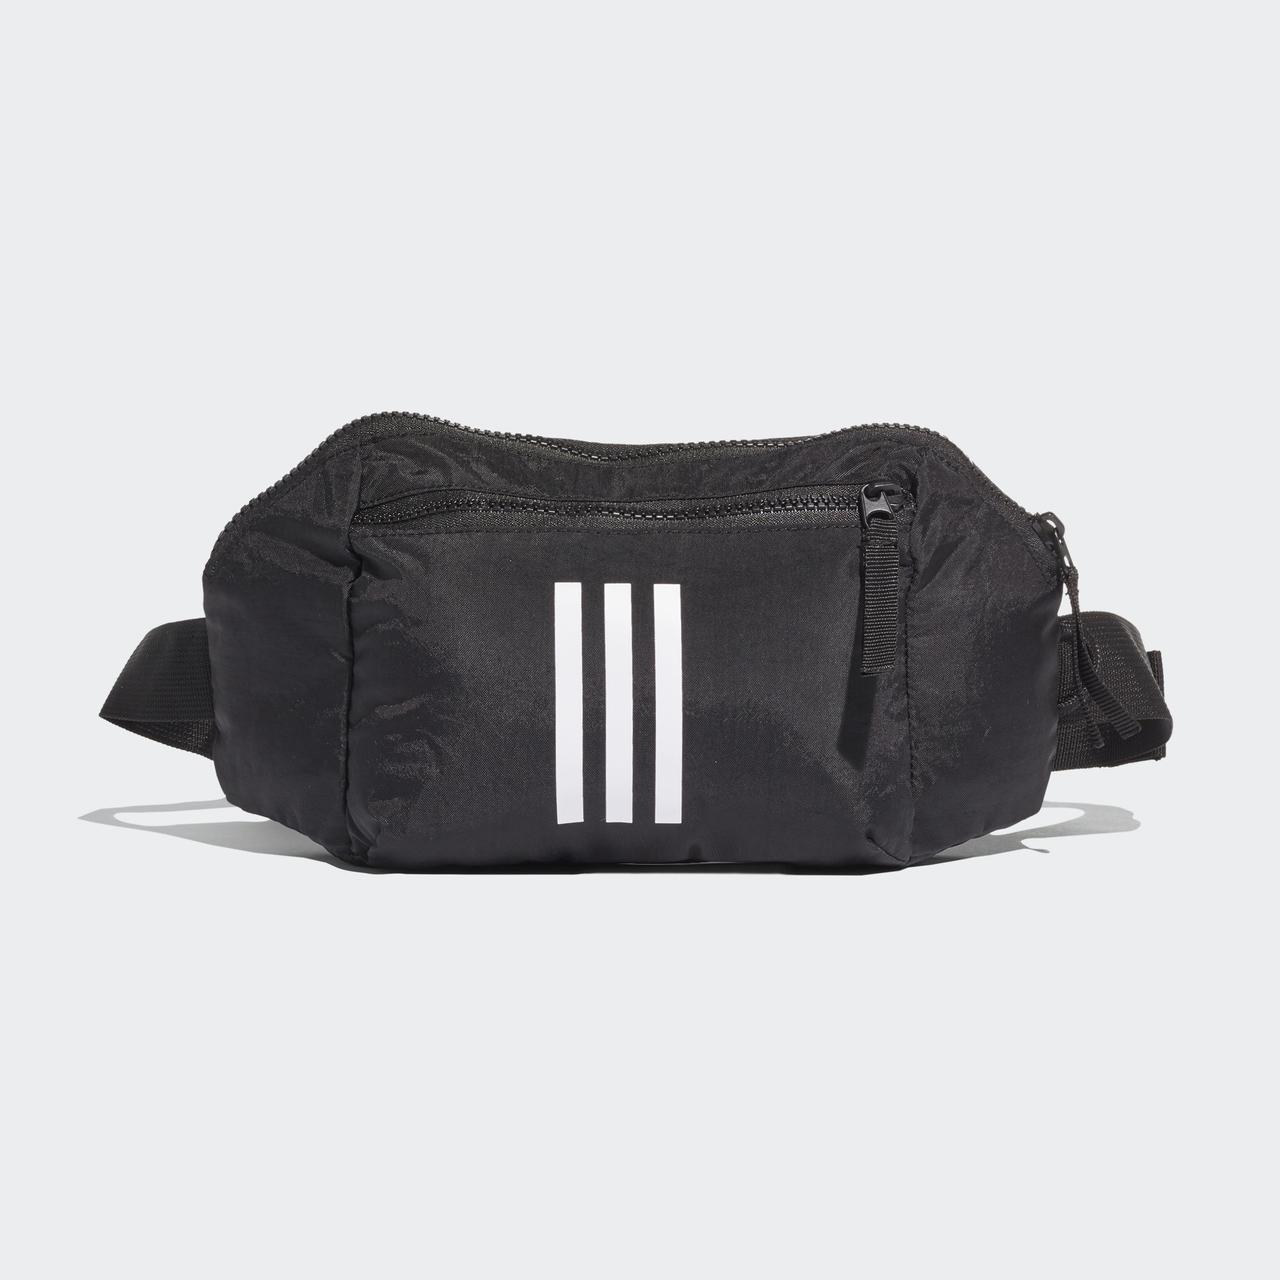 446428032265 Сумка на пояс Adidas Parkhood DS8862 - 2019: продажа, цена в Киеве ...